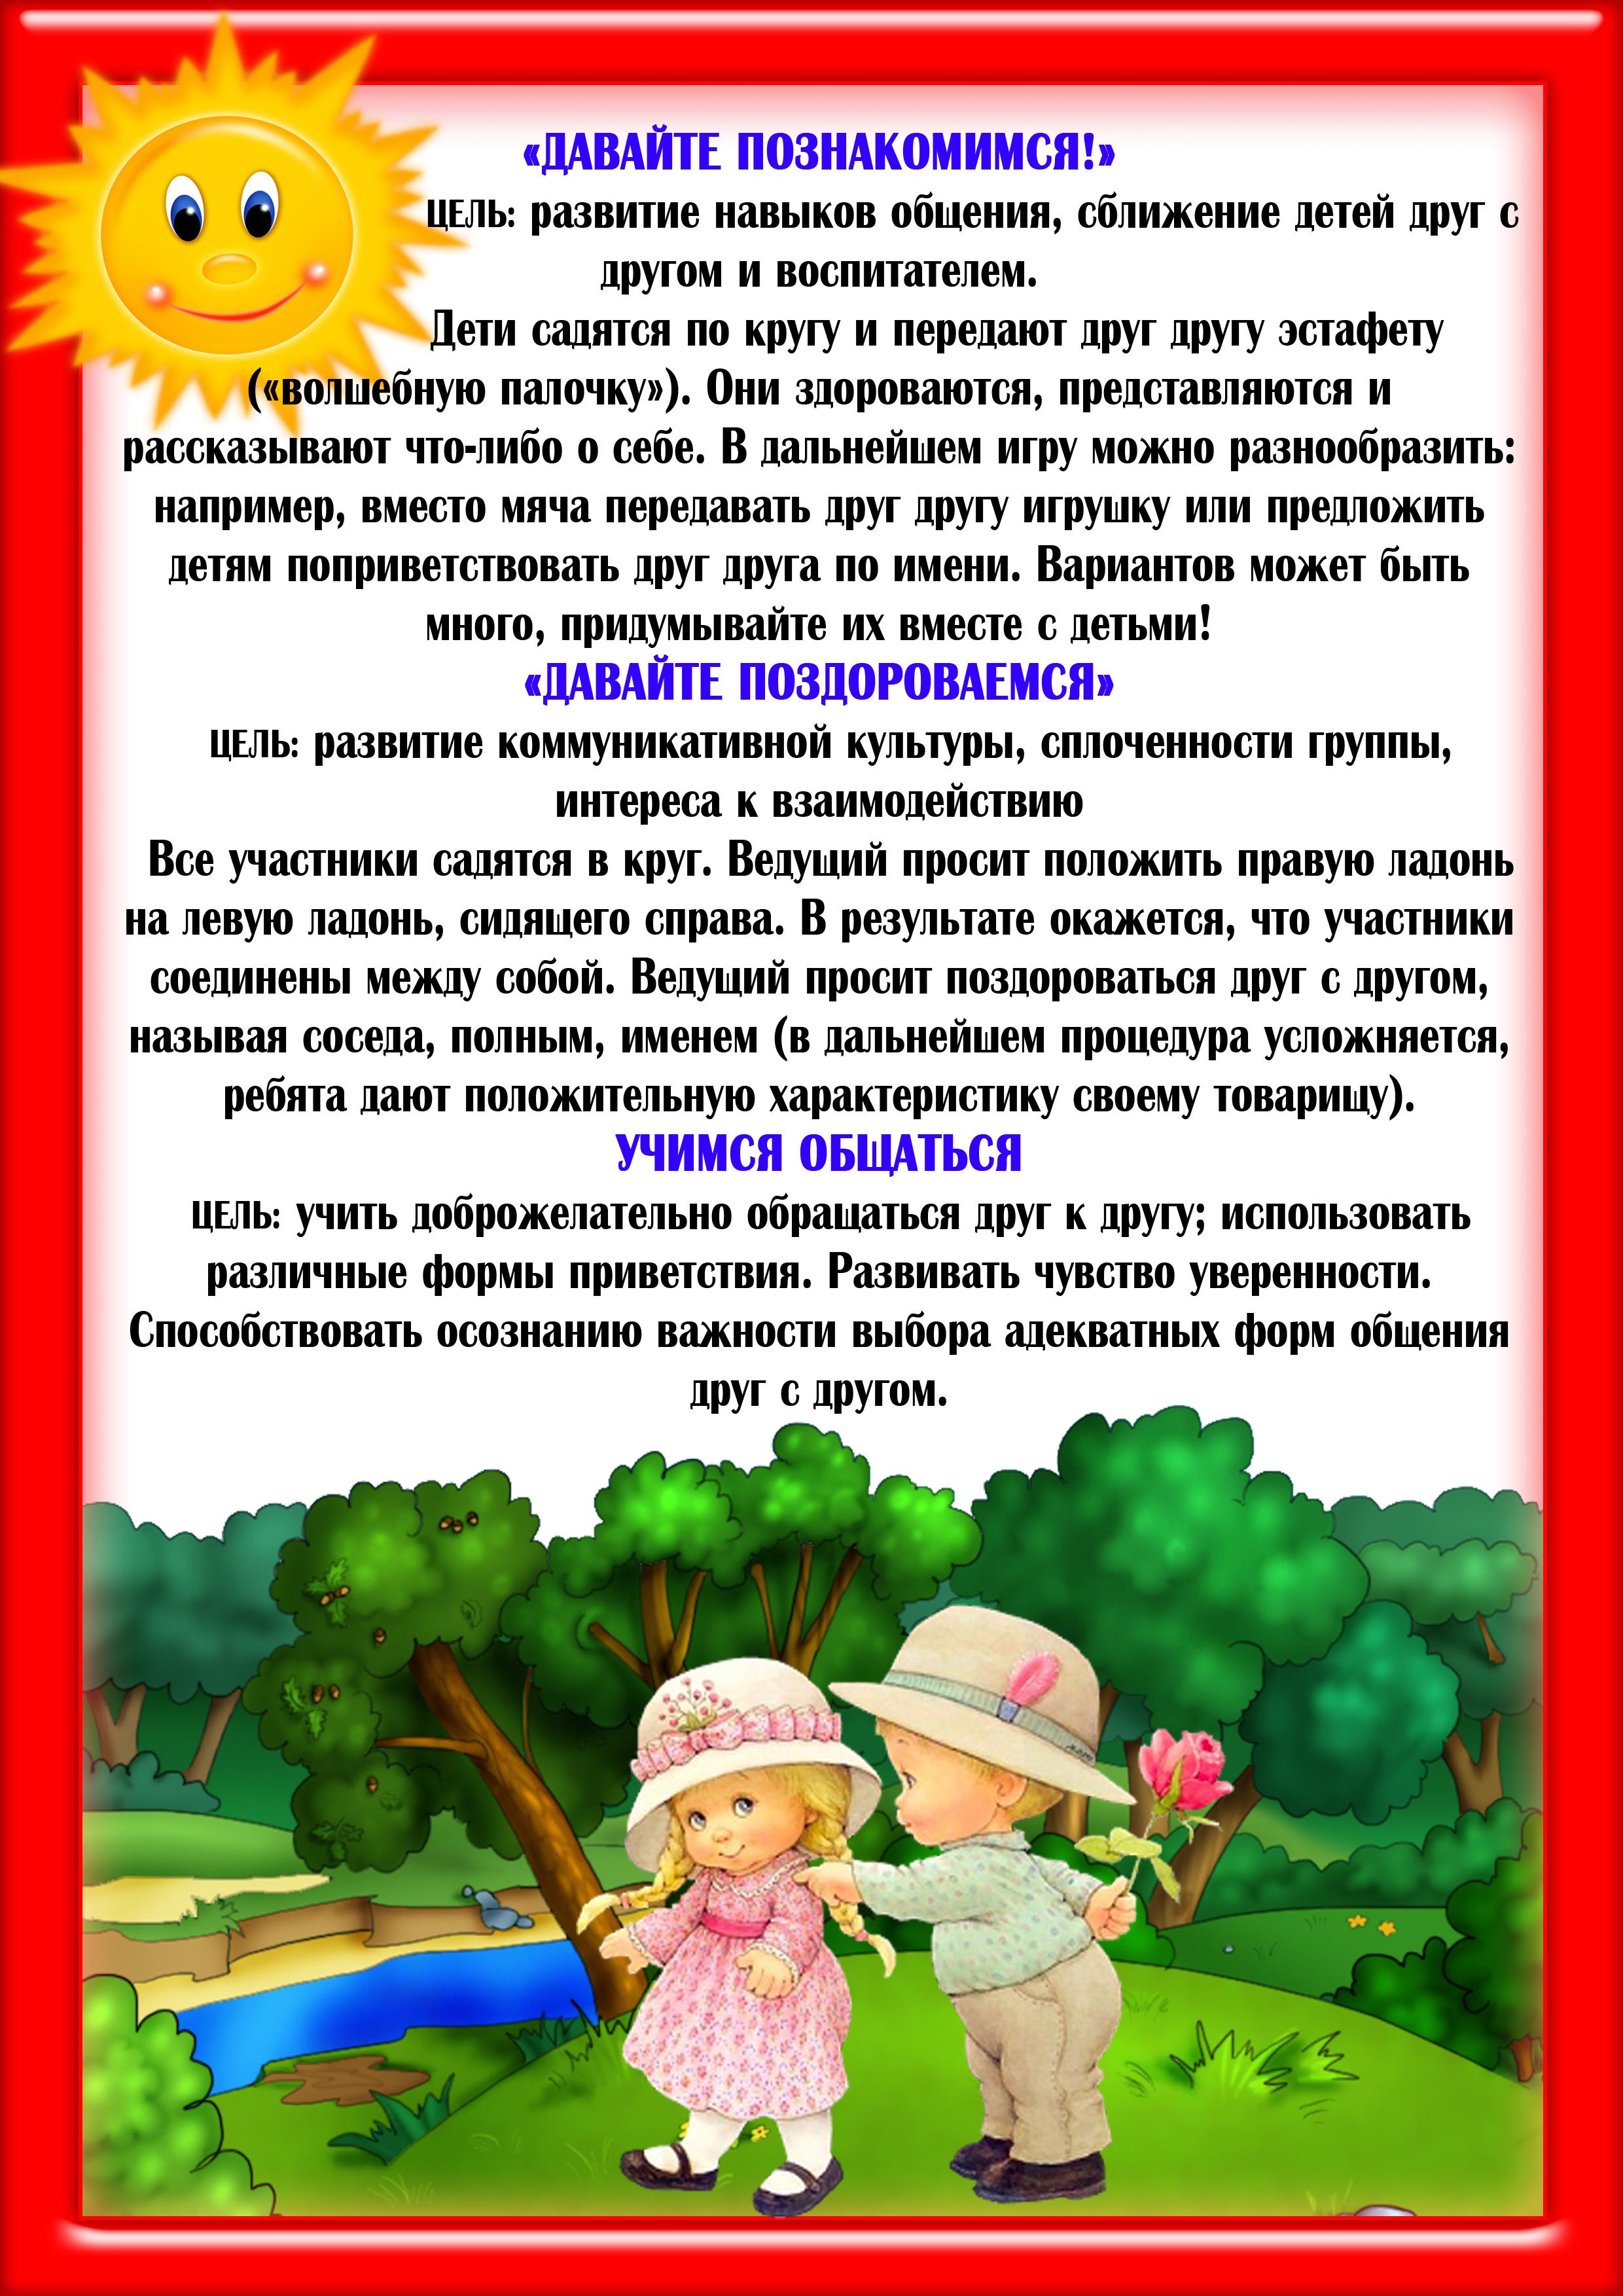 Добро пожаловать - Администрация города Братска